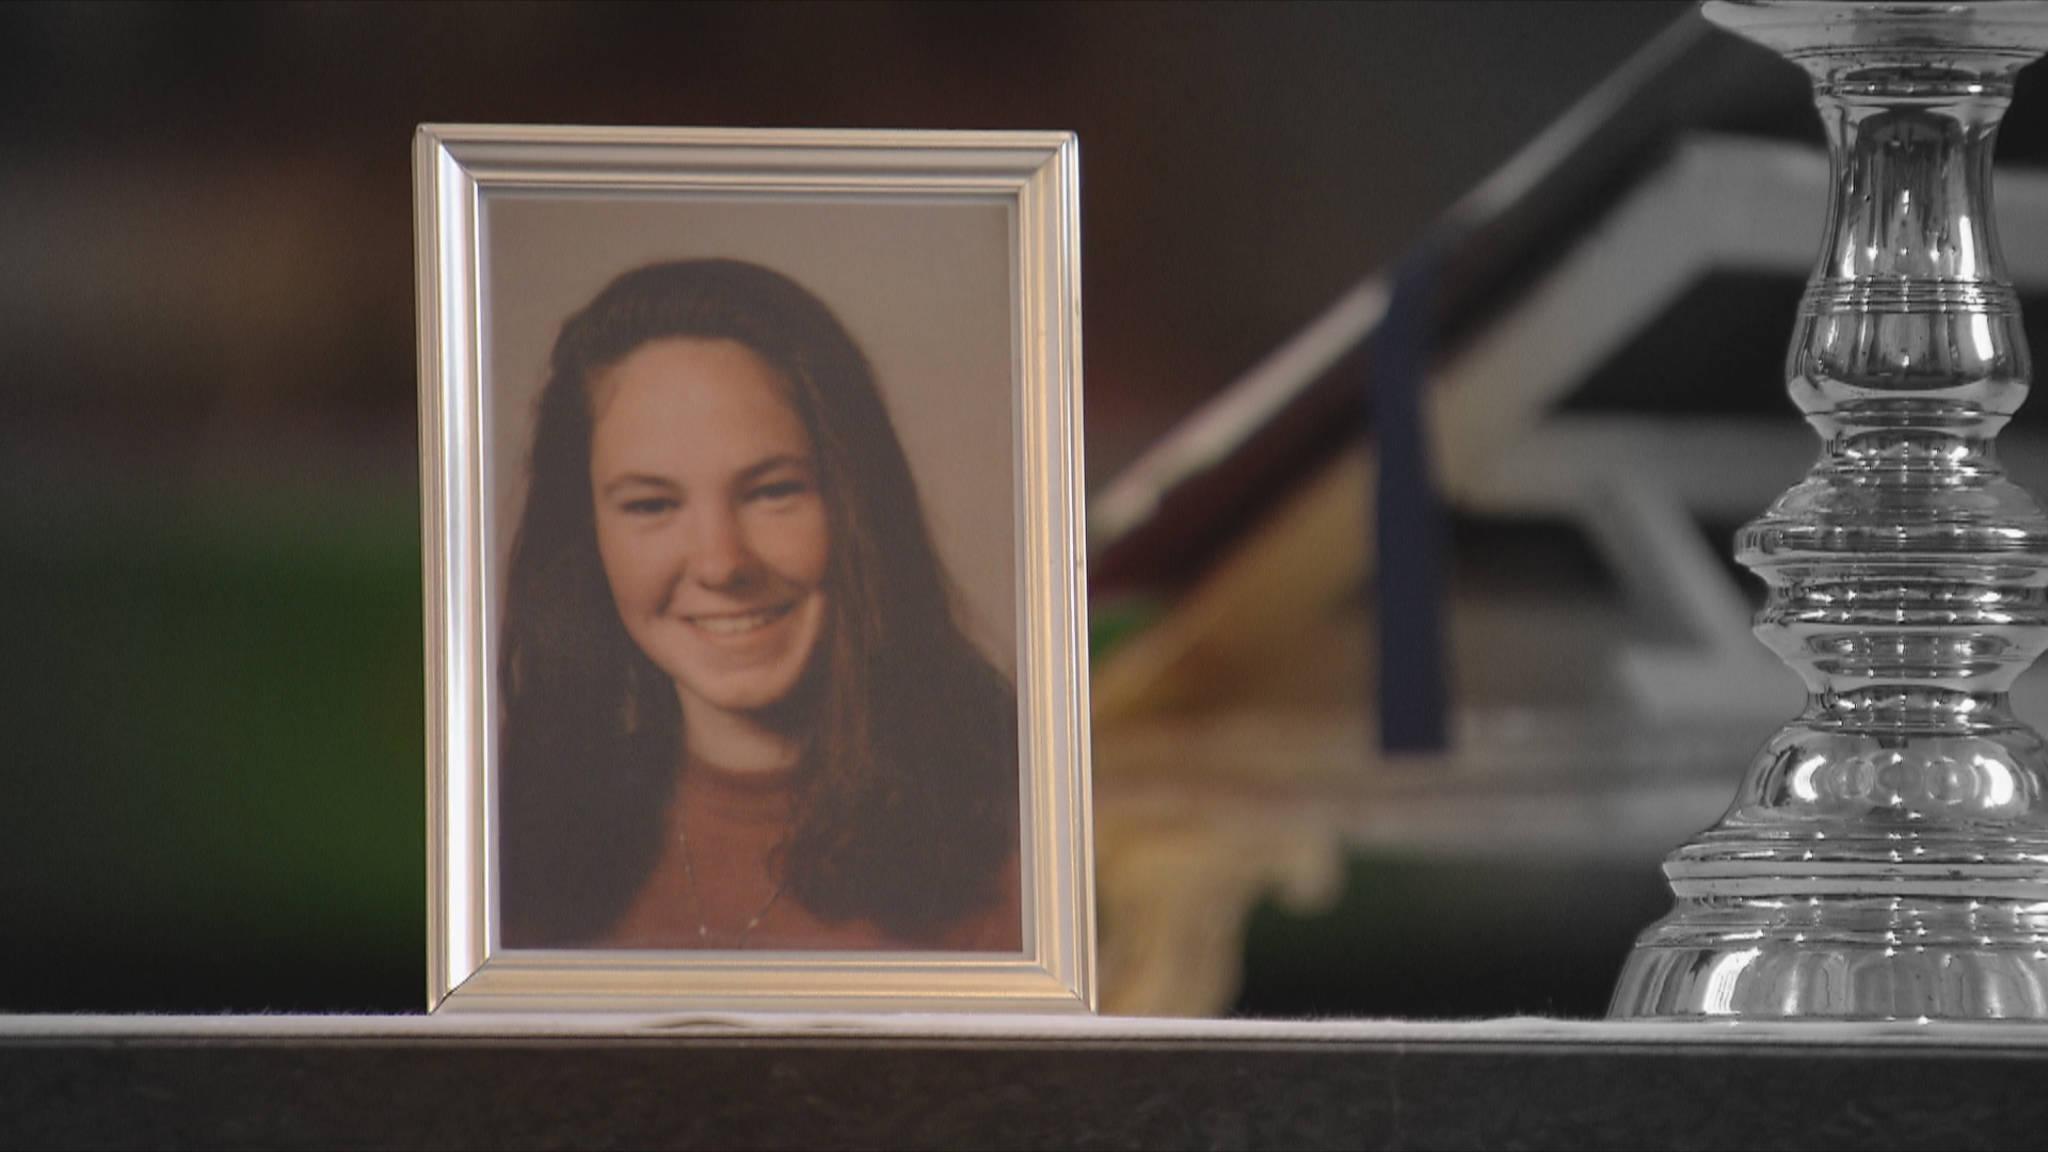 8eefdeca1f4 25 jaar na de verdwijning Tanja Groen: 'Je wordt na alles sterker' | NOS